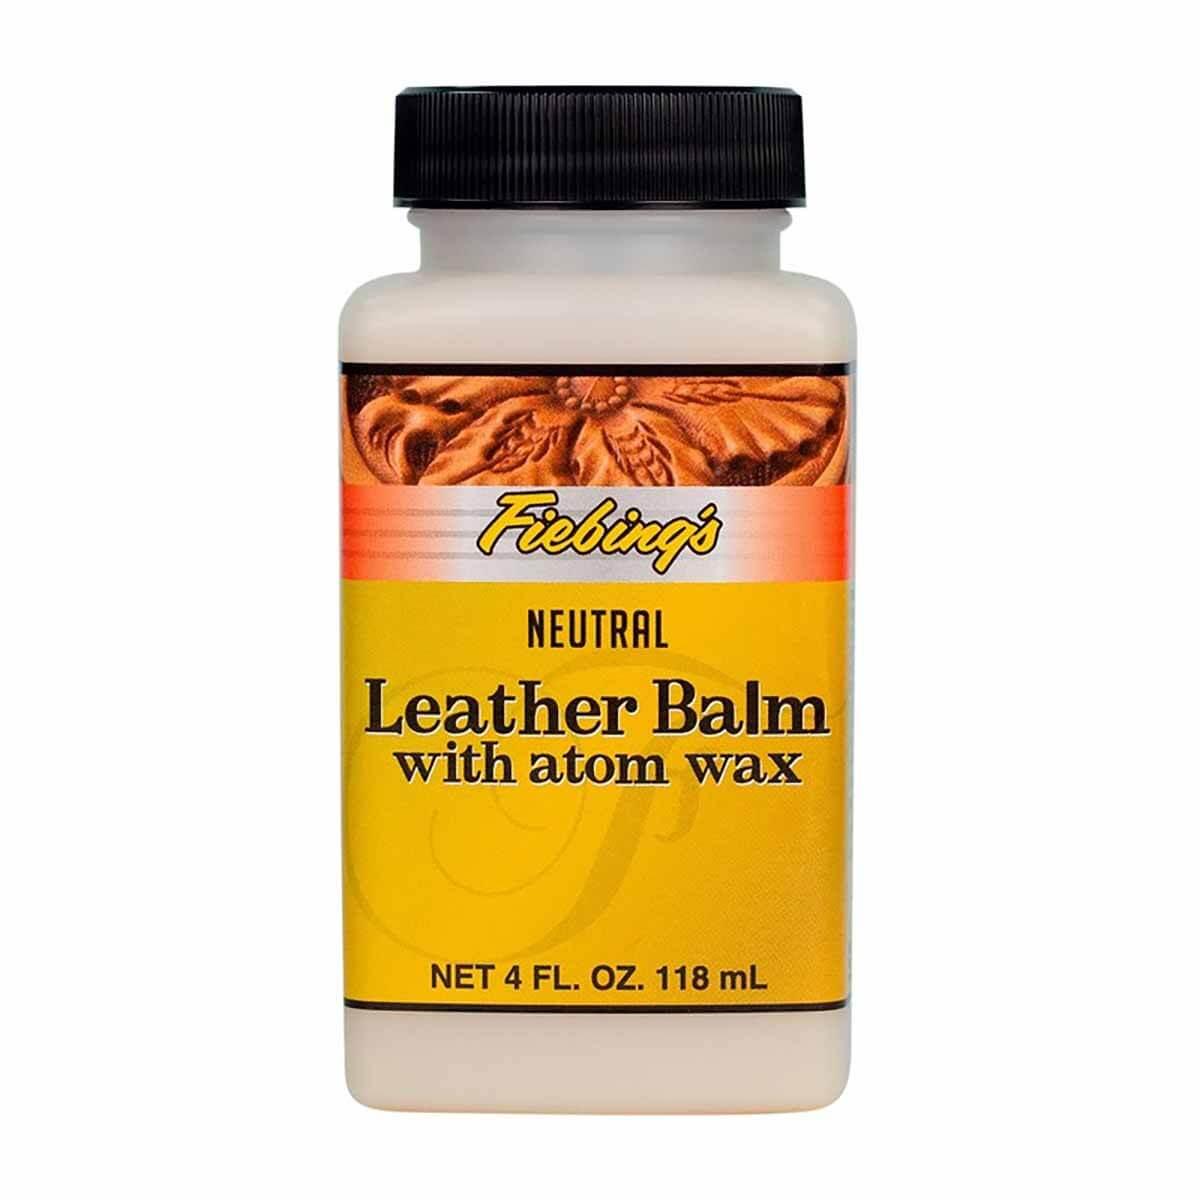 Vernis pour cuir - NEUTRE - Fiebing's Leather Balm